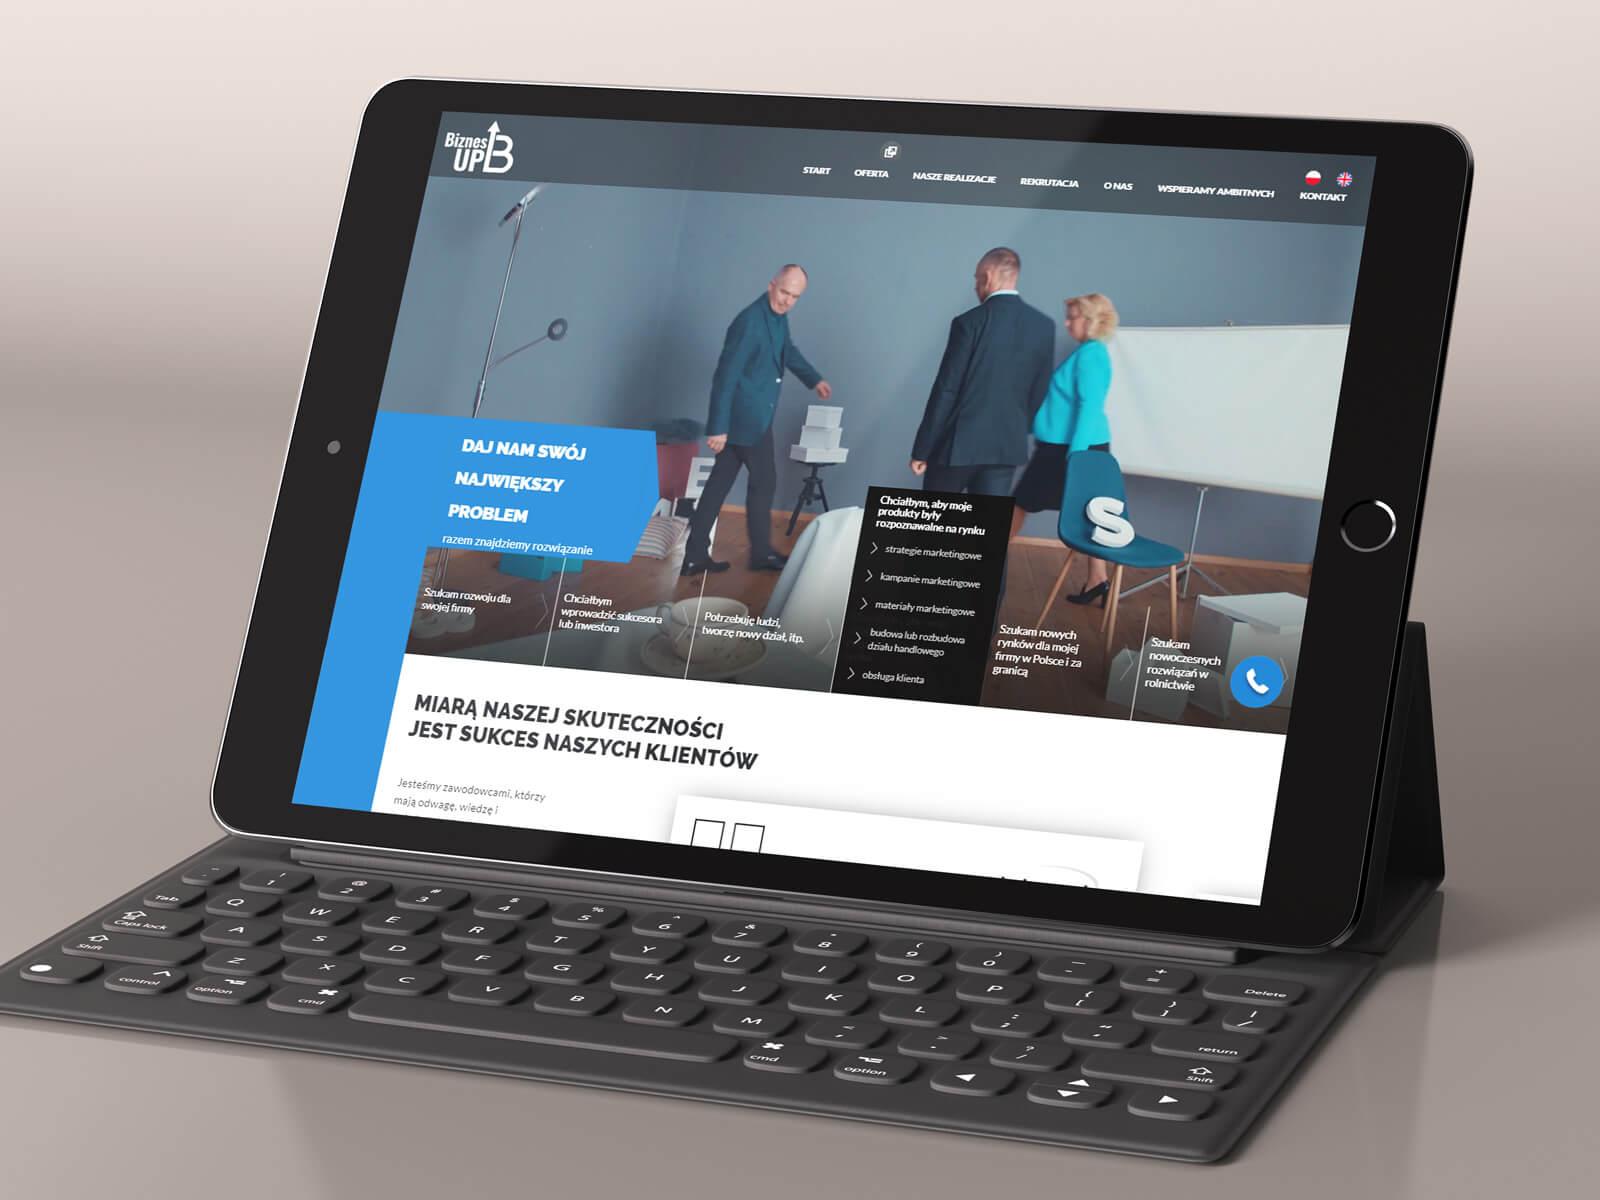 Biznes Up - widowiskowa interaktywna strona internetowa - animacje html 5, wordpress, css